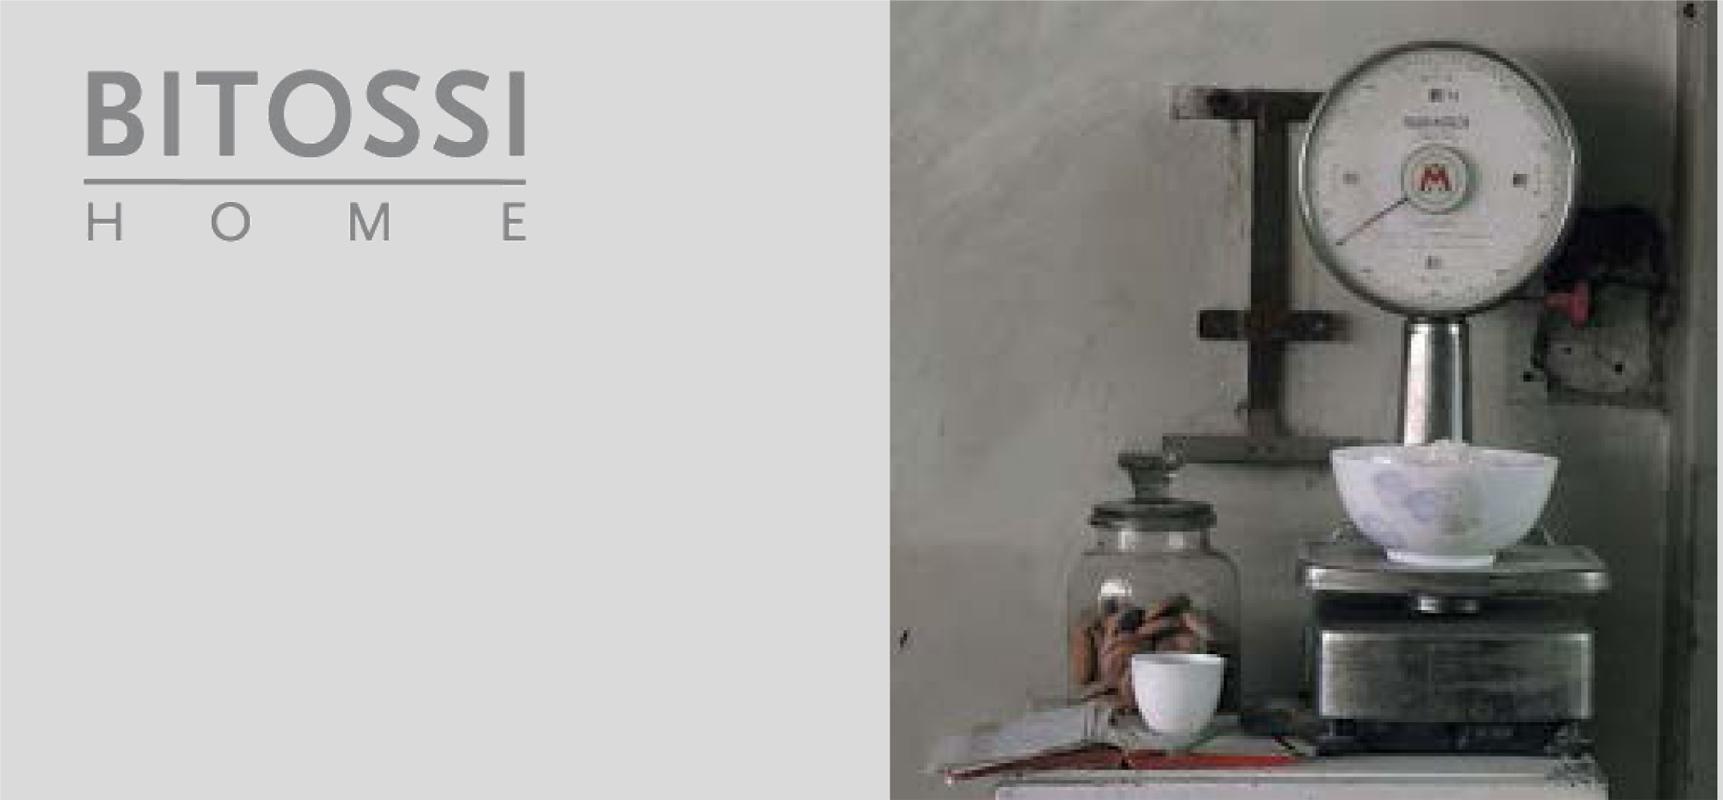 BITOSSI_Home